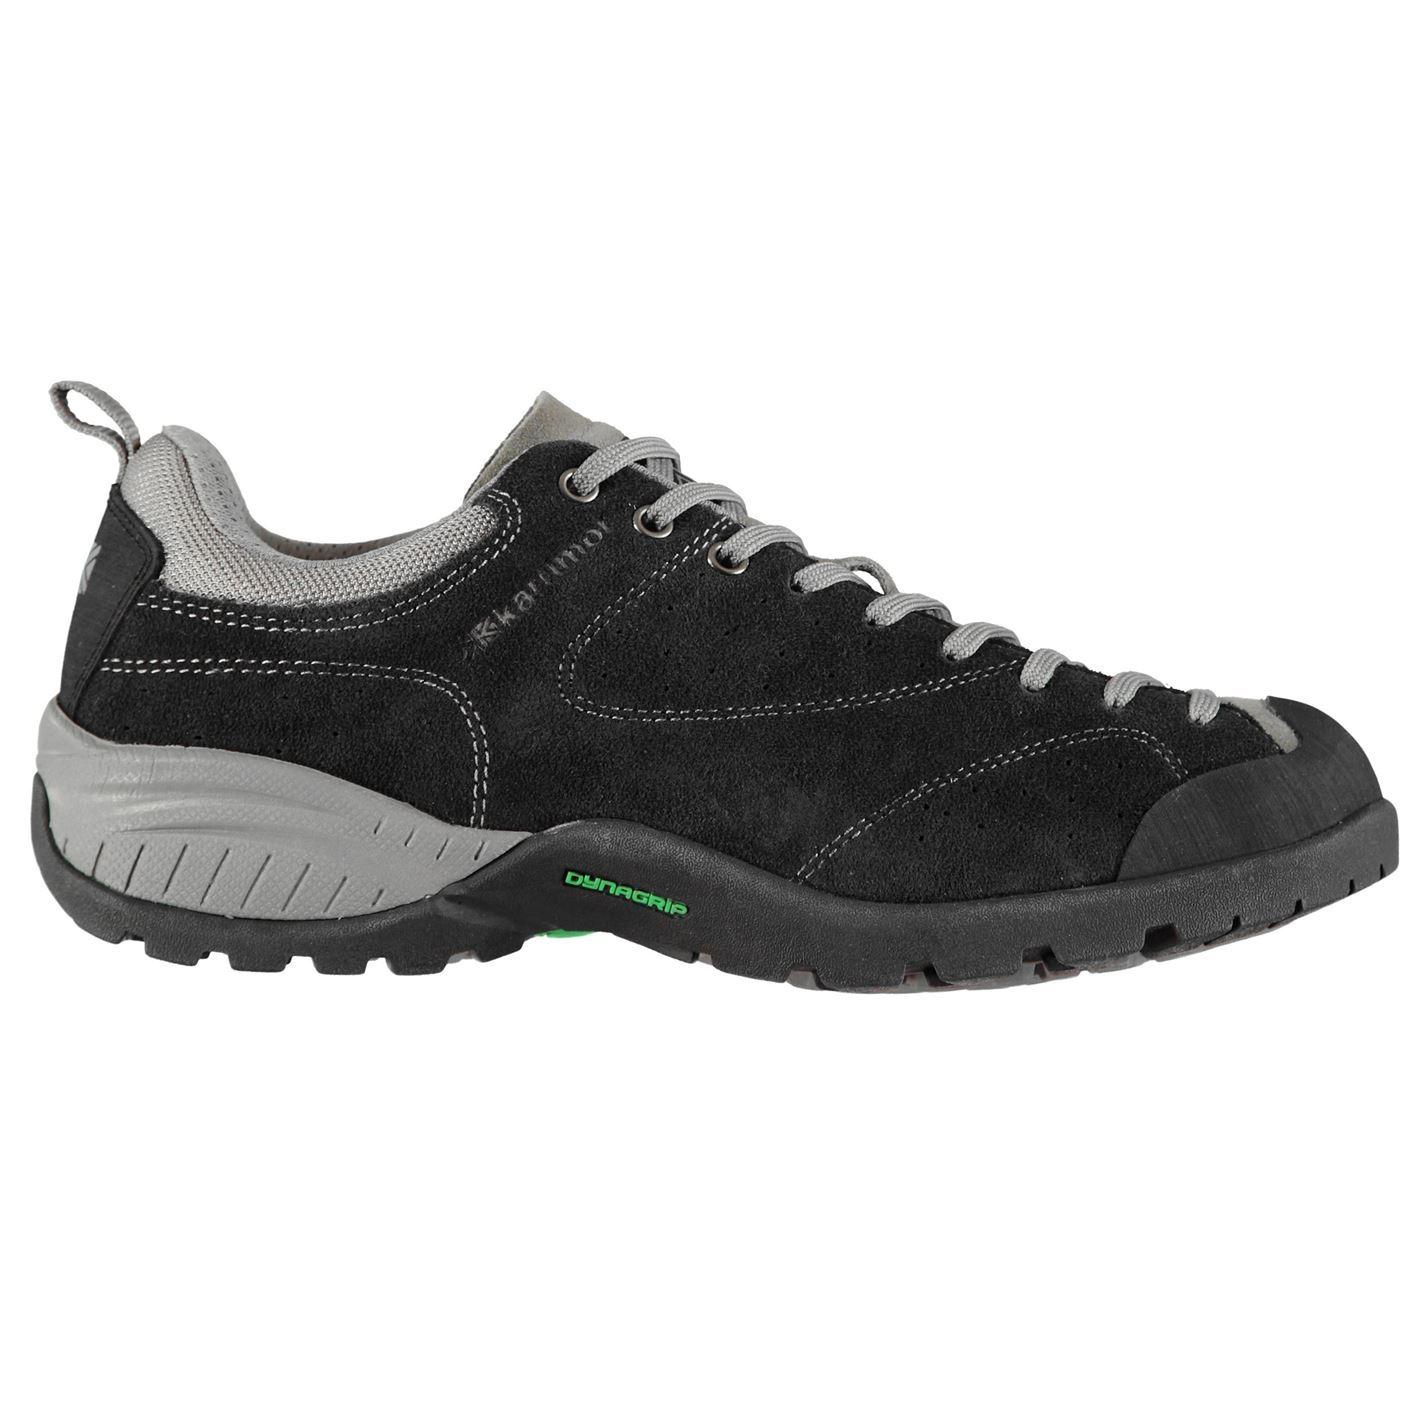 Karrimor Wyndcliffe Mens Walking Shoes